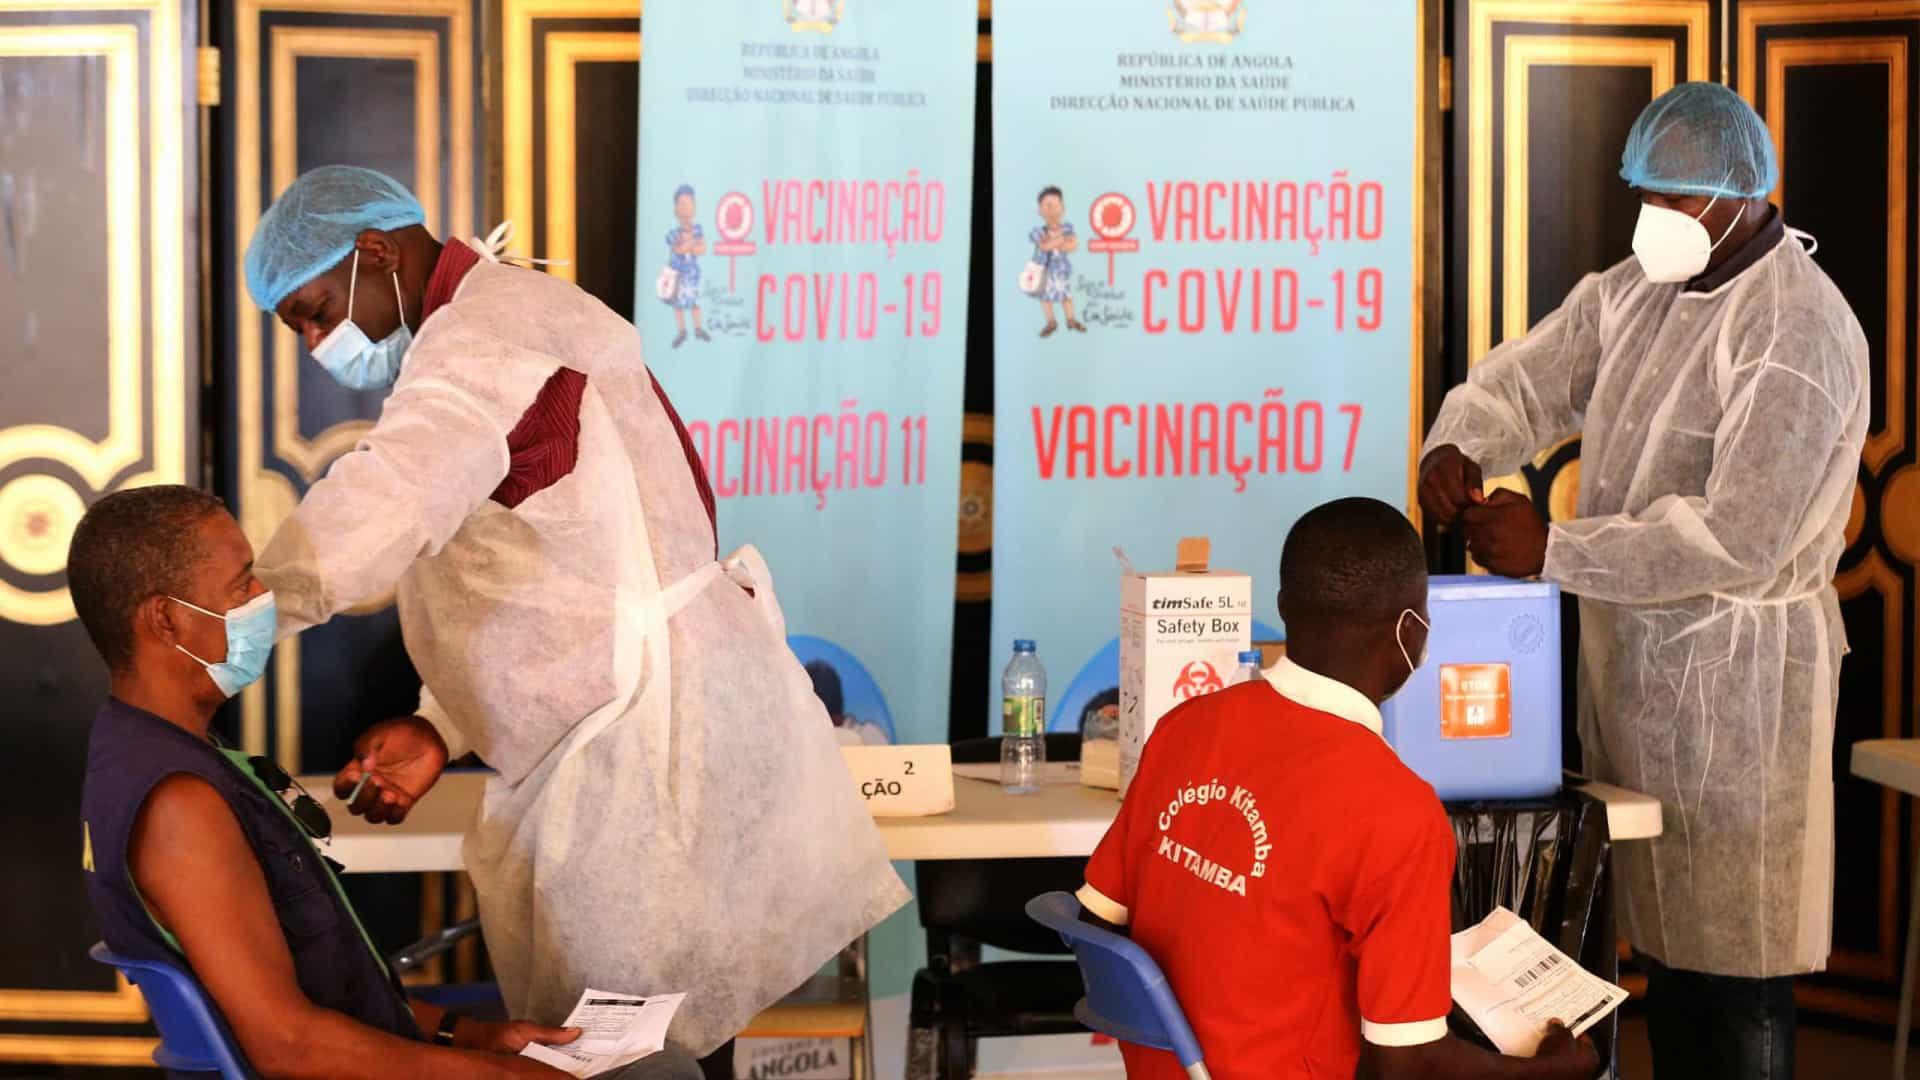 País tem vacinas para imunizar 60% da população até final do ano